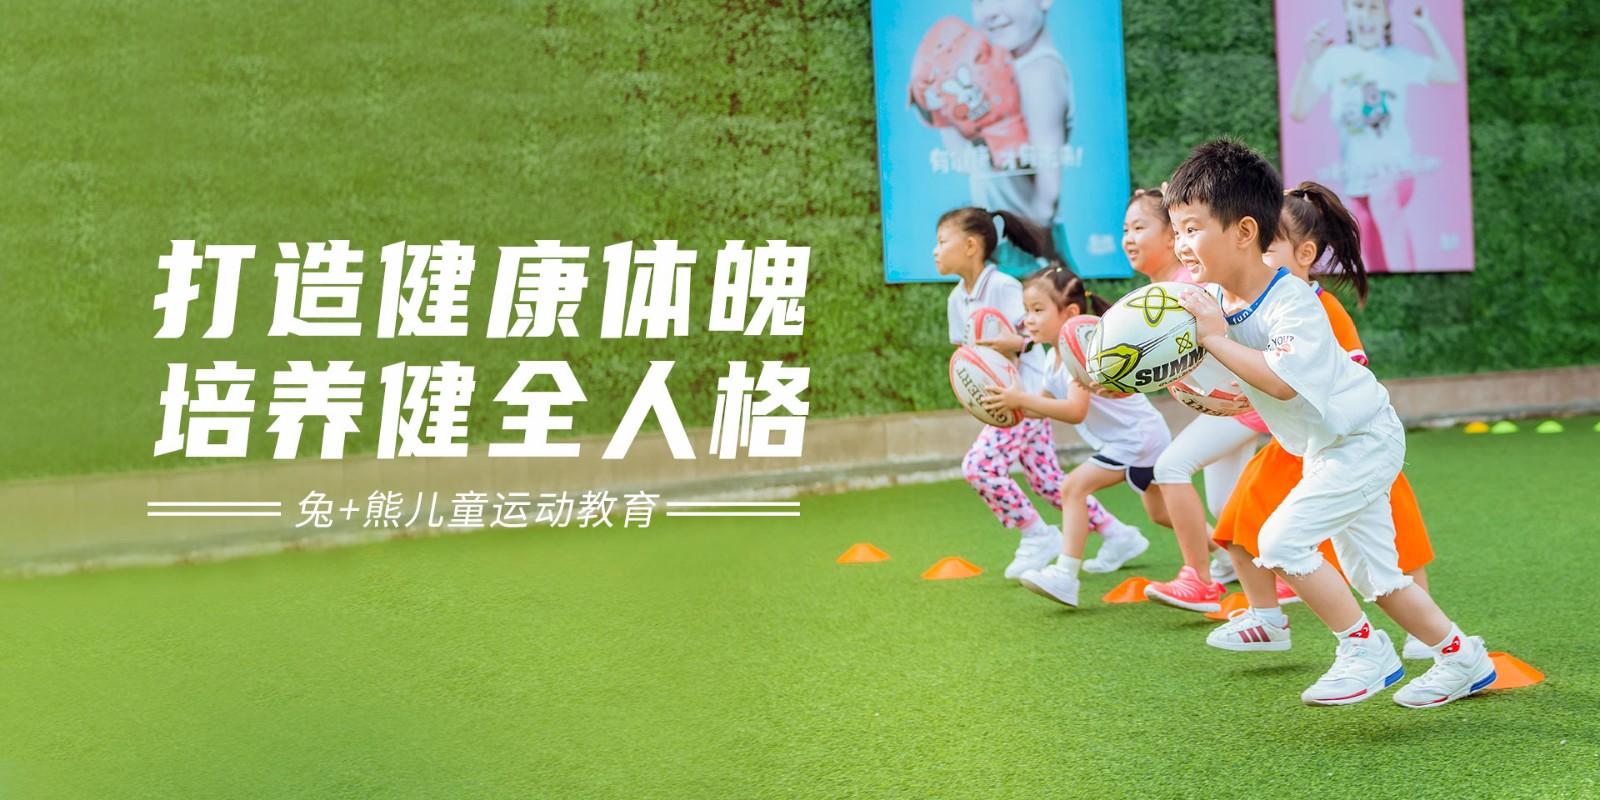 兔加熊儿童运动体适能训练06.jpg